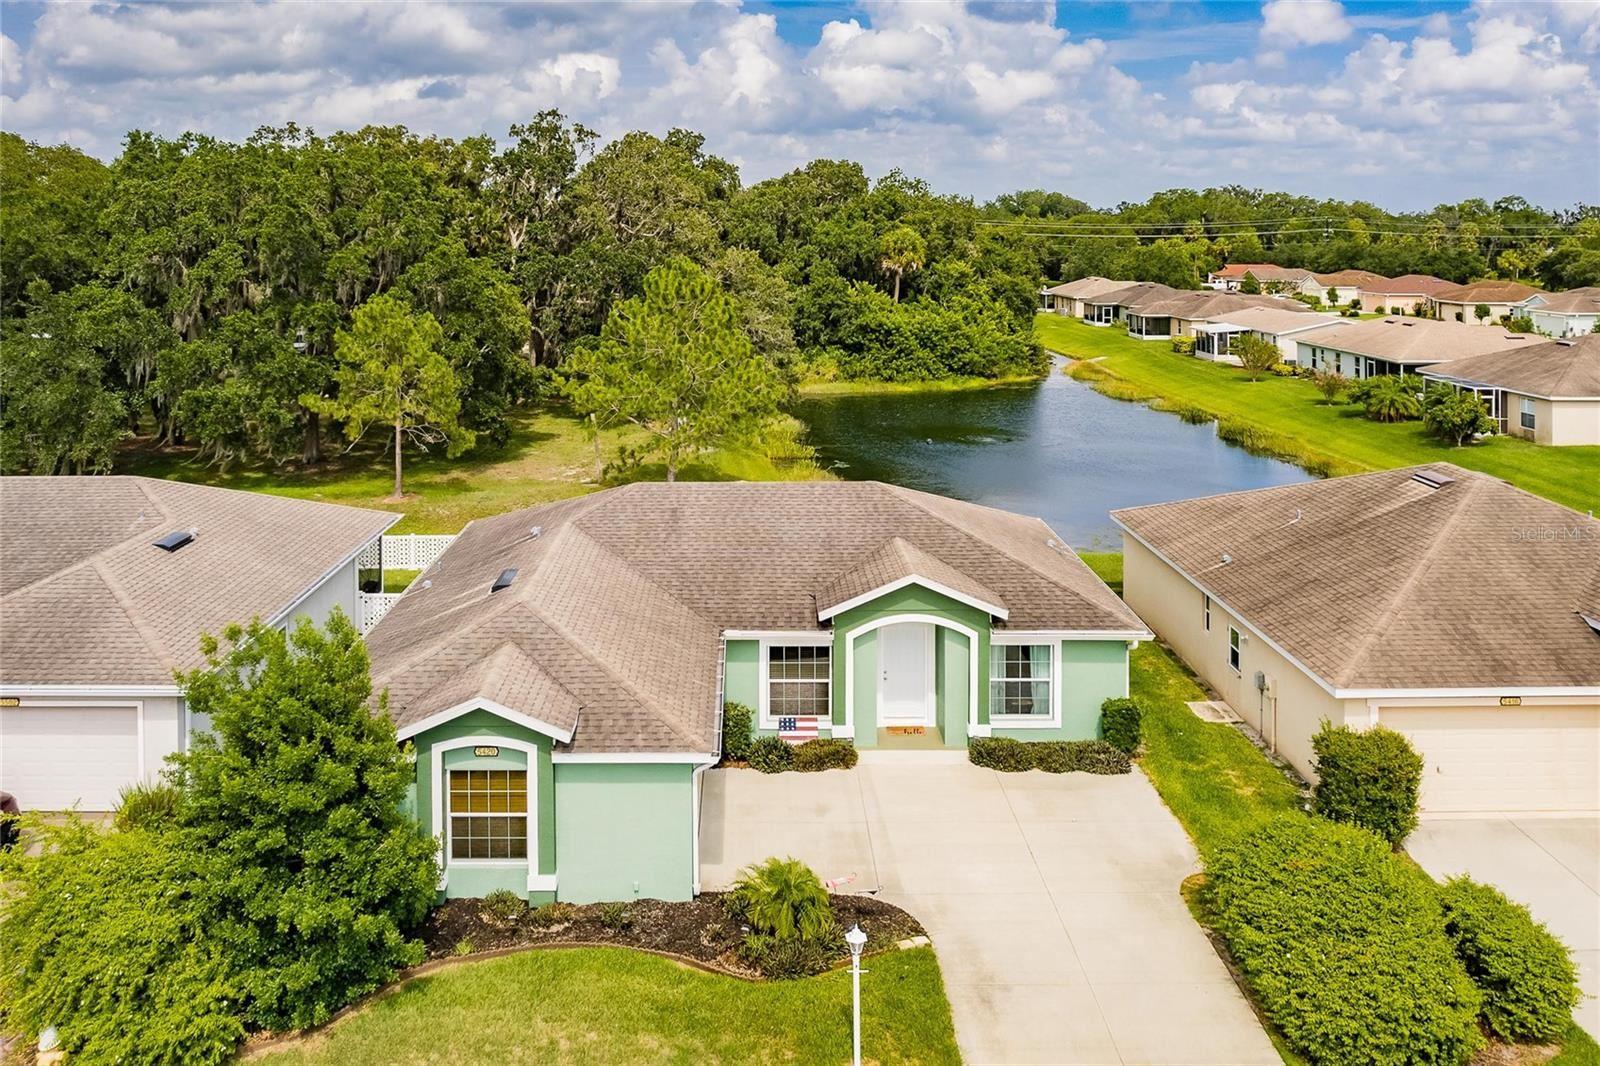 Photo of 5420 33RD AVENUE E, PALMETTO, FL 34221 (MLS # A4504930)